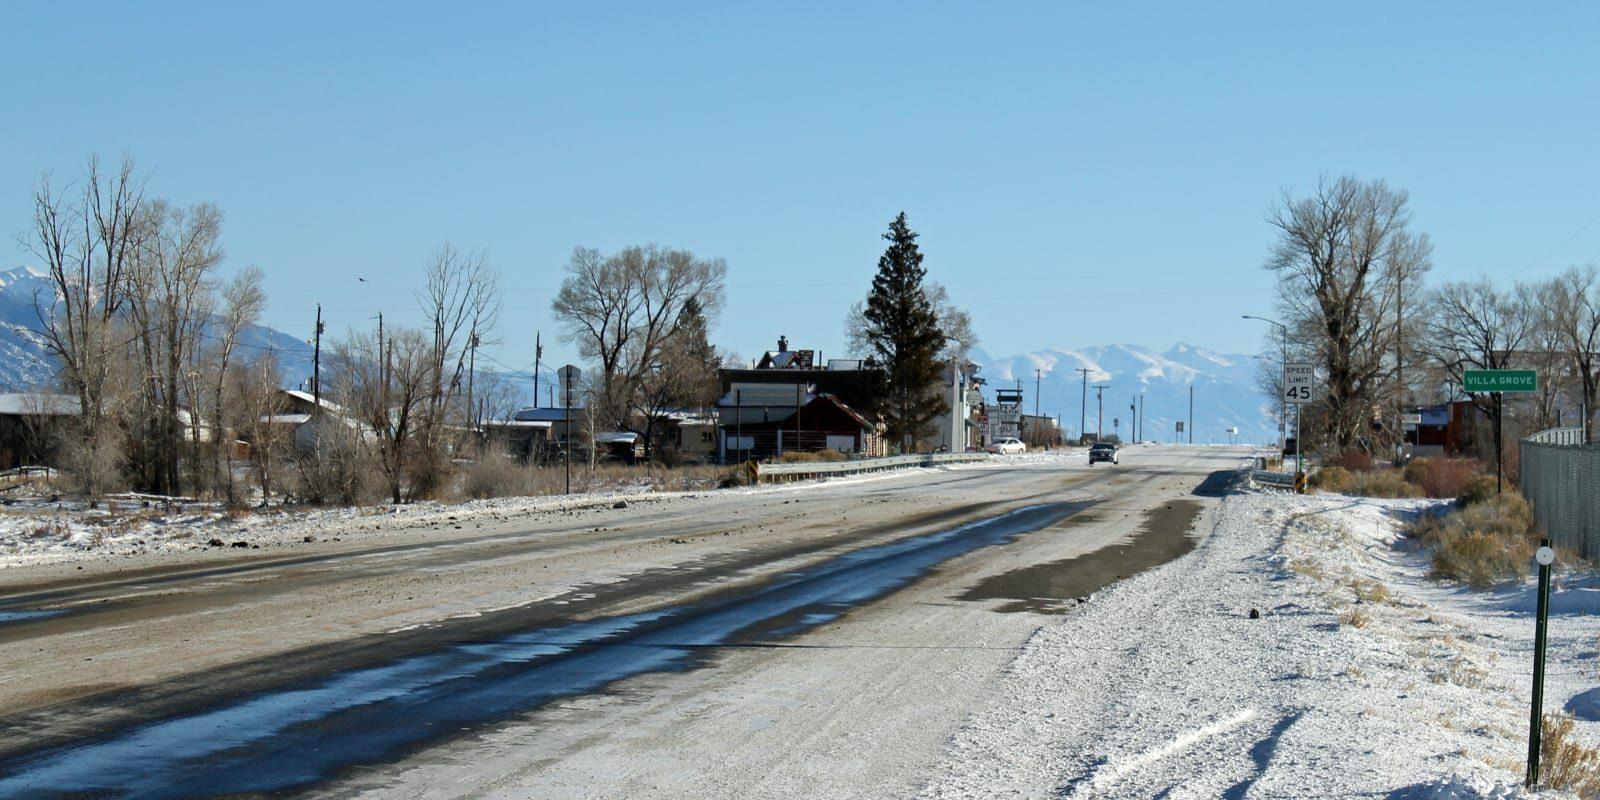 Villa Grove Colorado Highway 285